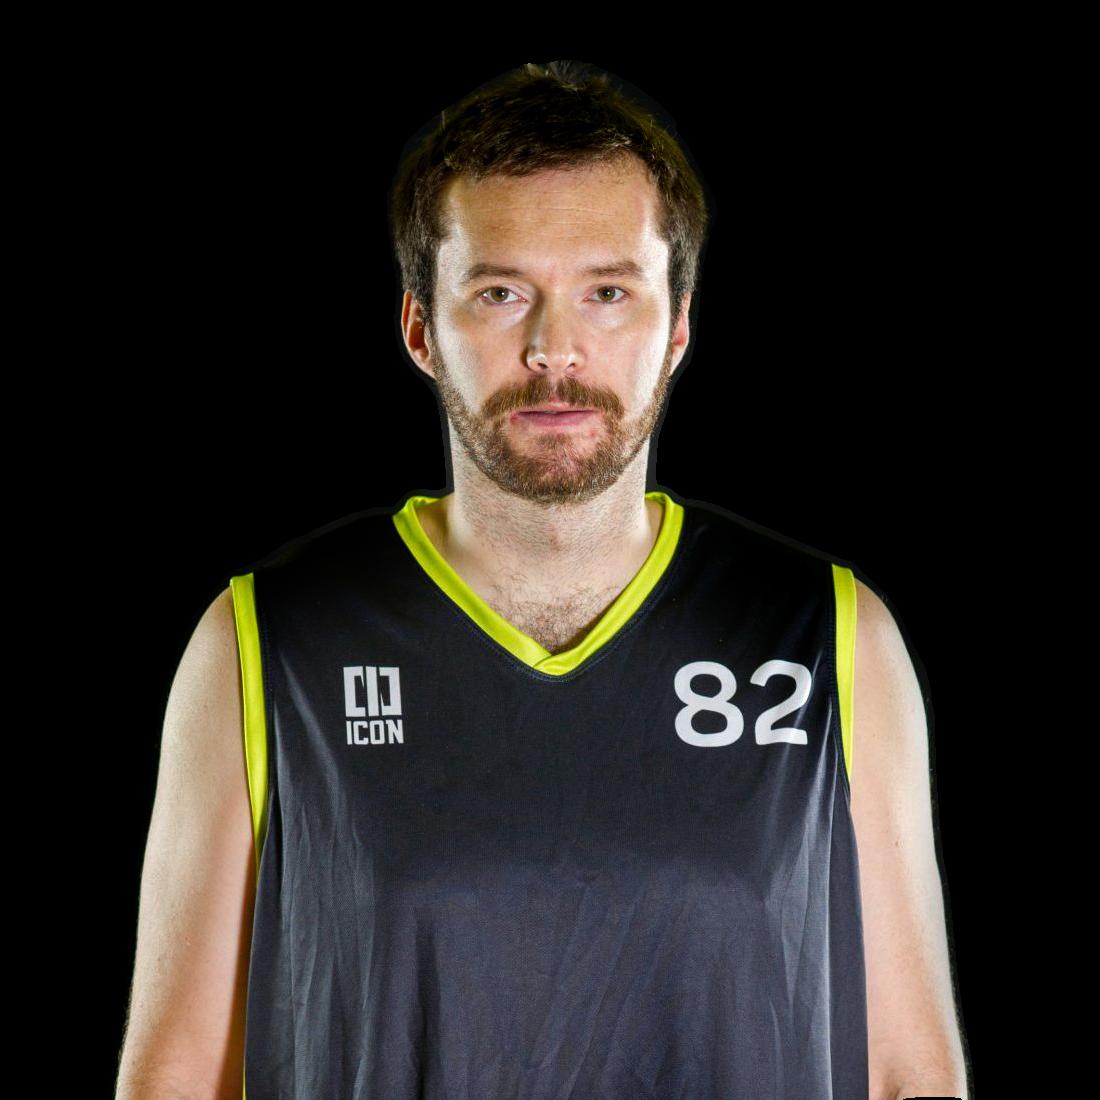 Aleksander Zarzycki